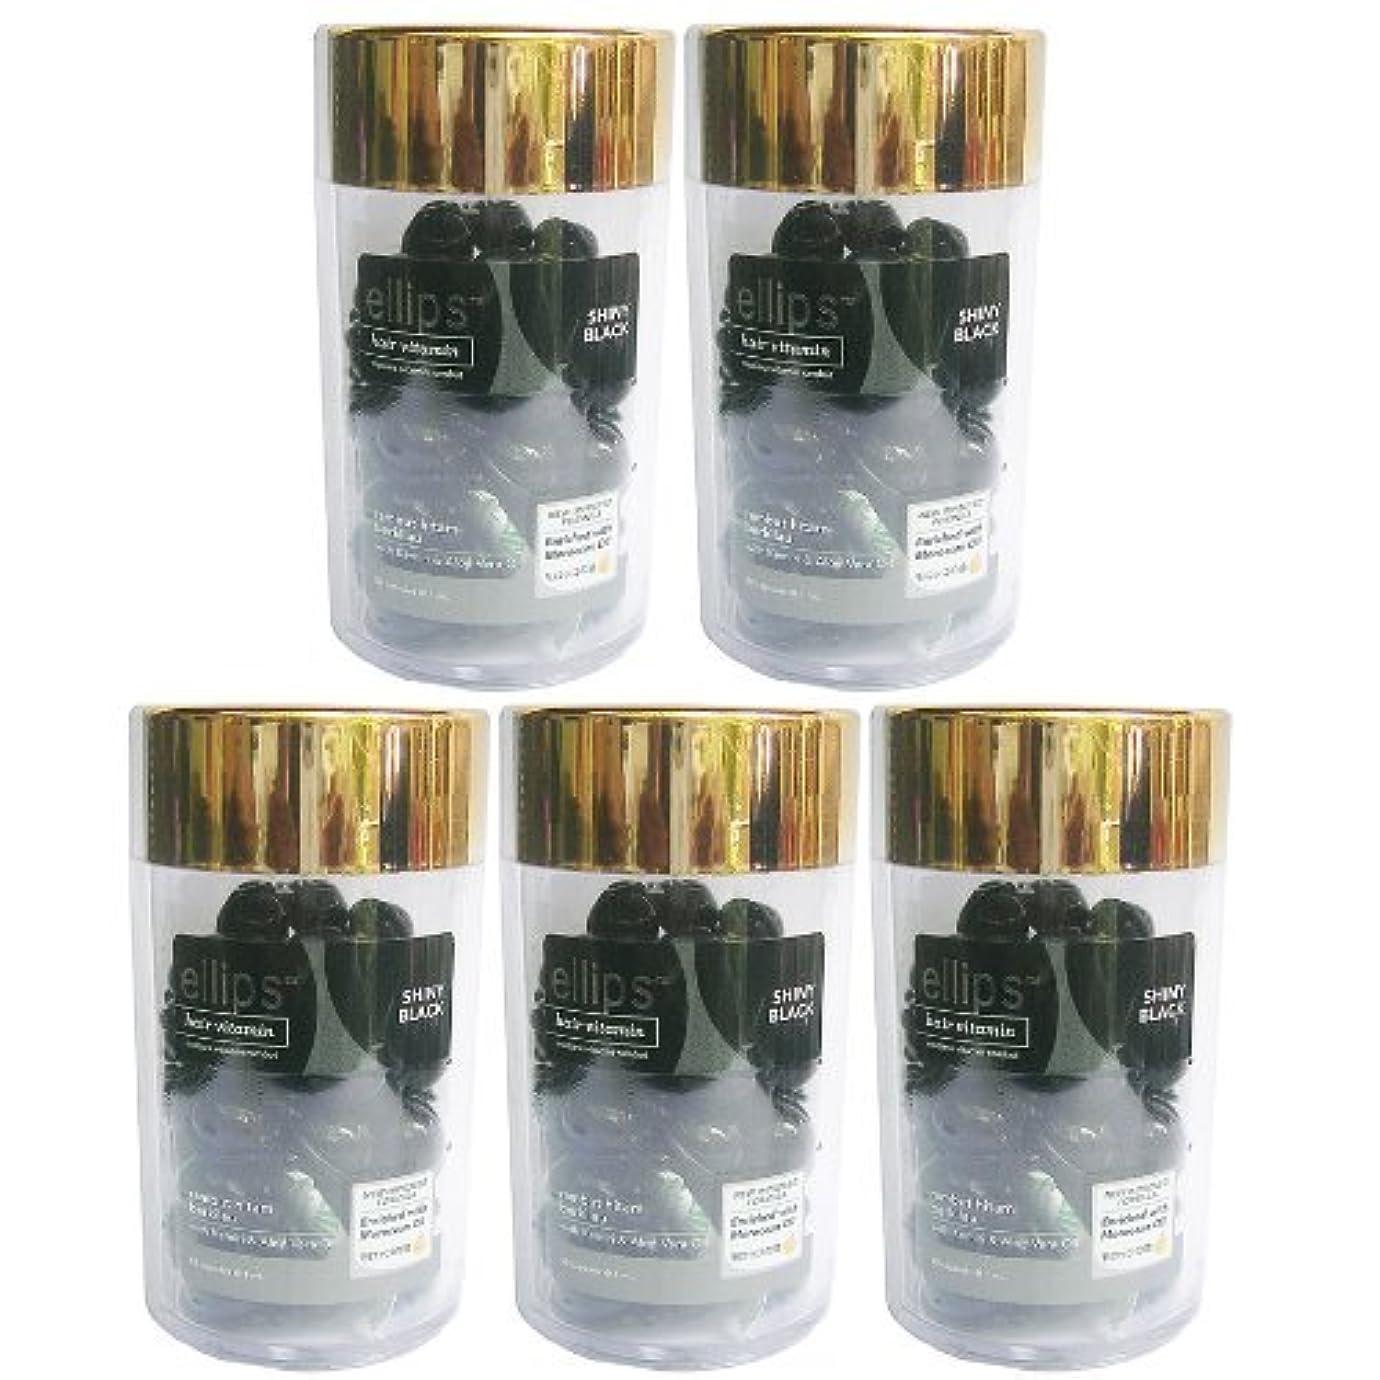 敗北戦術買い物に行くエリップスellipsヘアビタミン洗い流さないヘアトリートメント50粒入ボトル5本組(海外直送品)(並行輸入品) (黒5本)